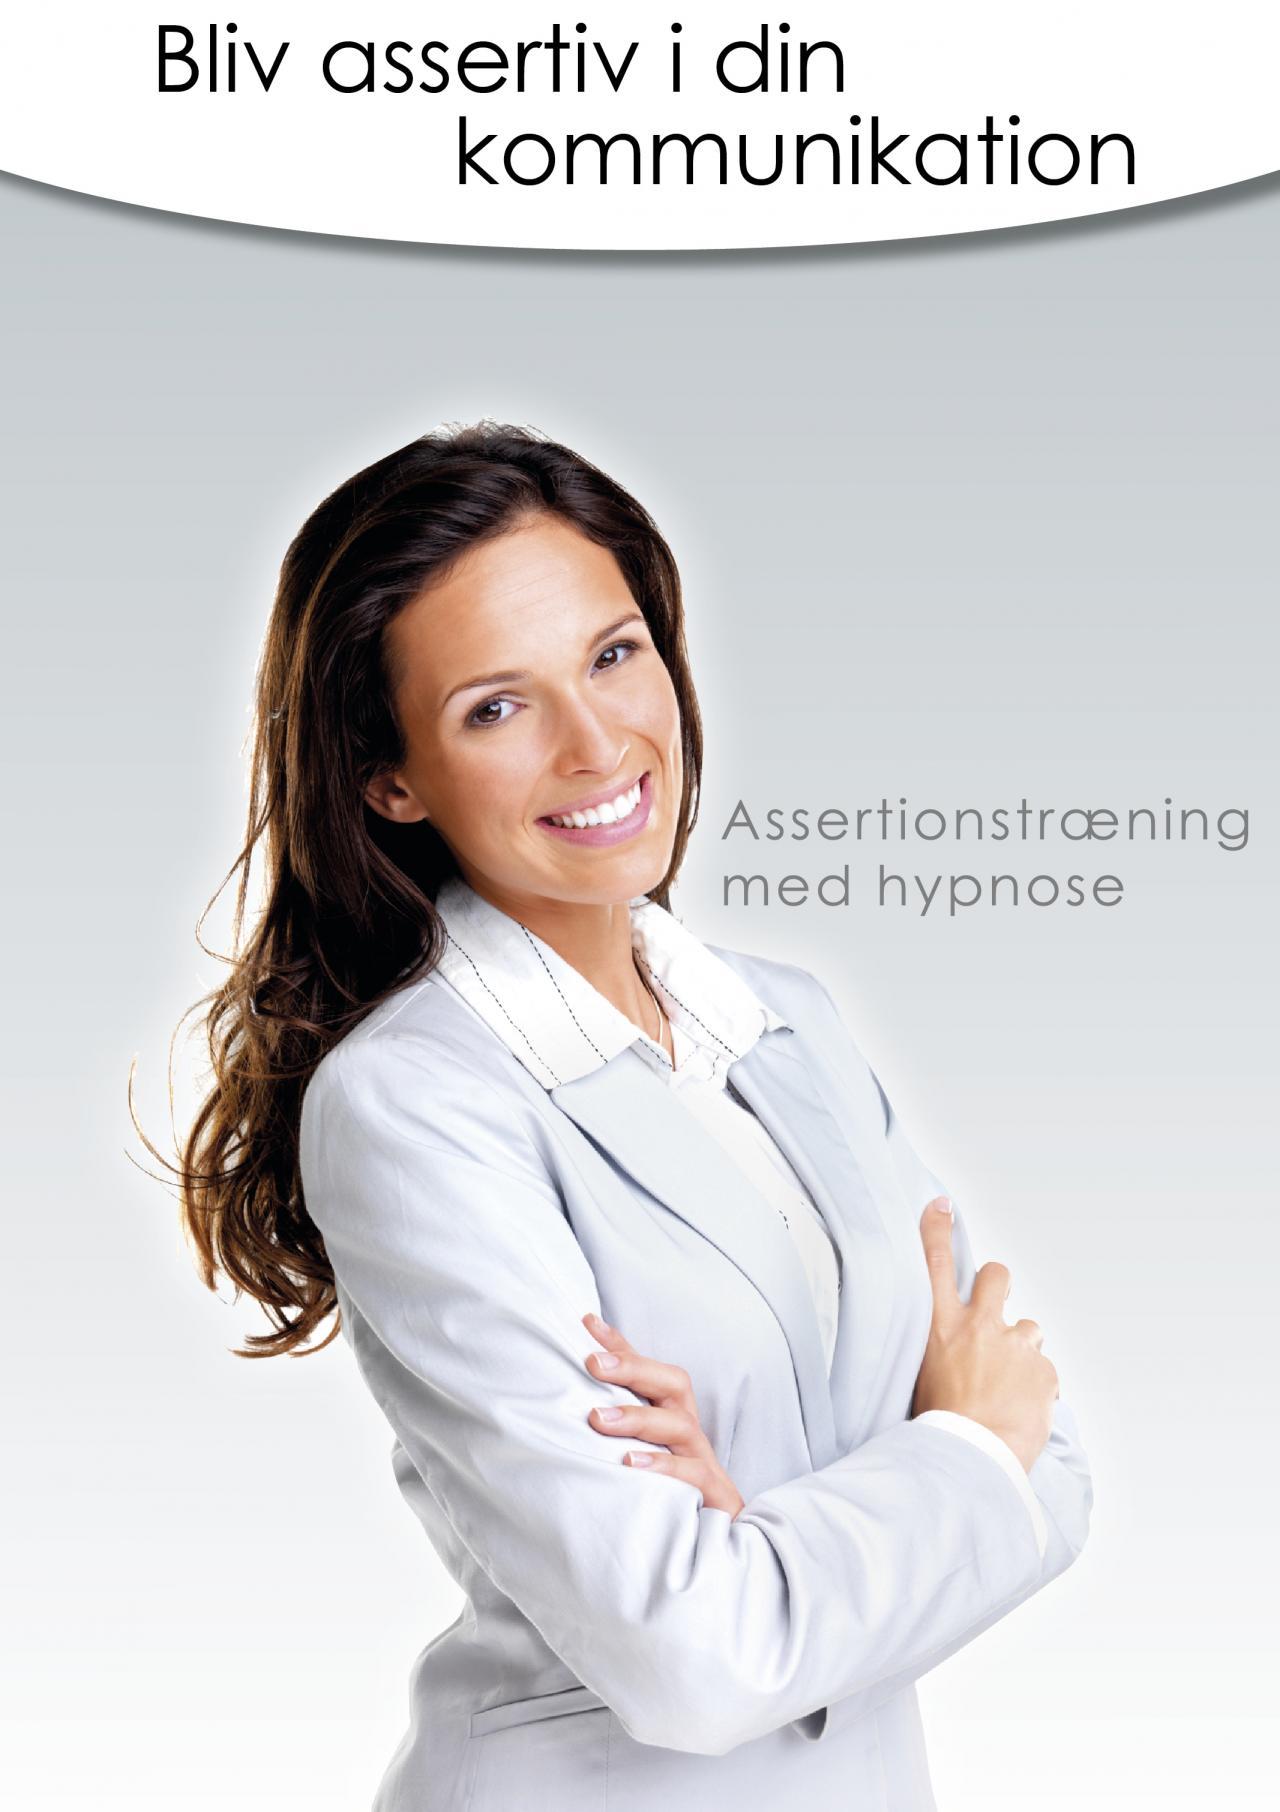 Bliv assertiv i din kommunikation - assertionstræning fra N/A på mindly.dk